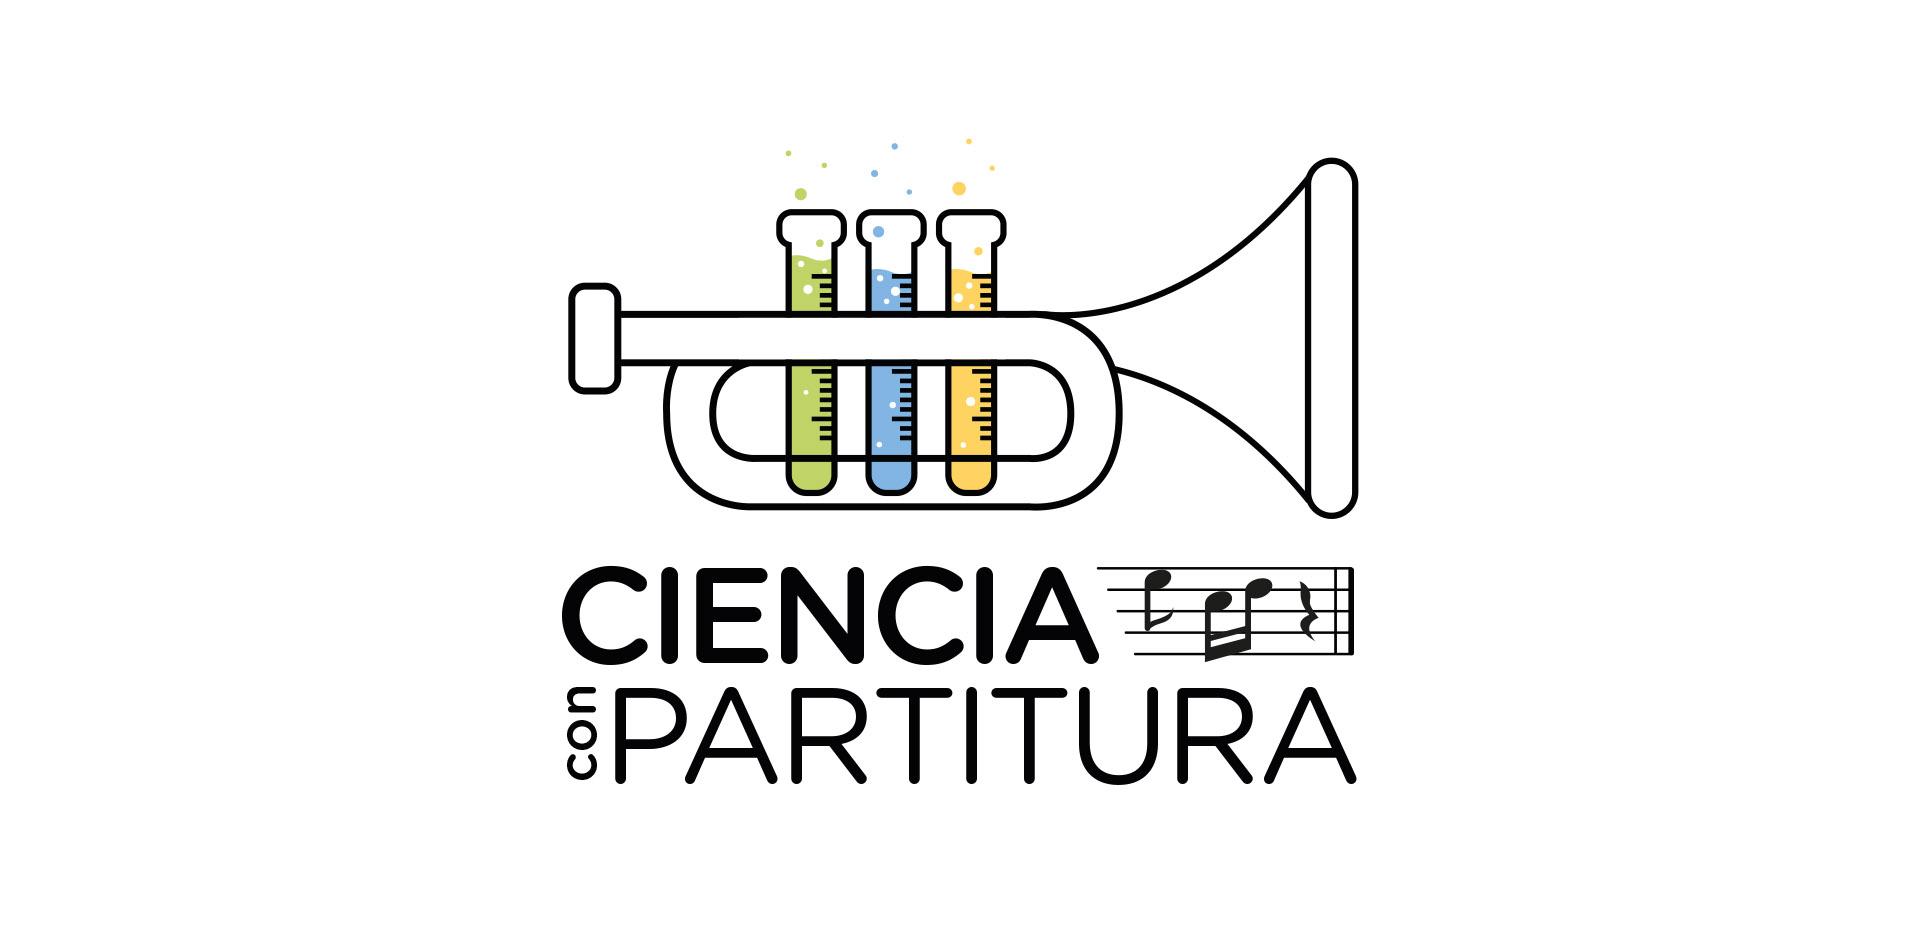 Logotipo Ciencia con partitura